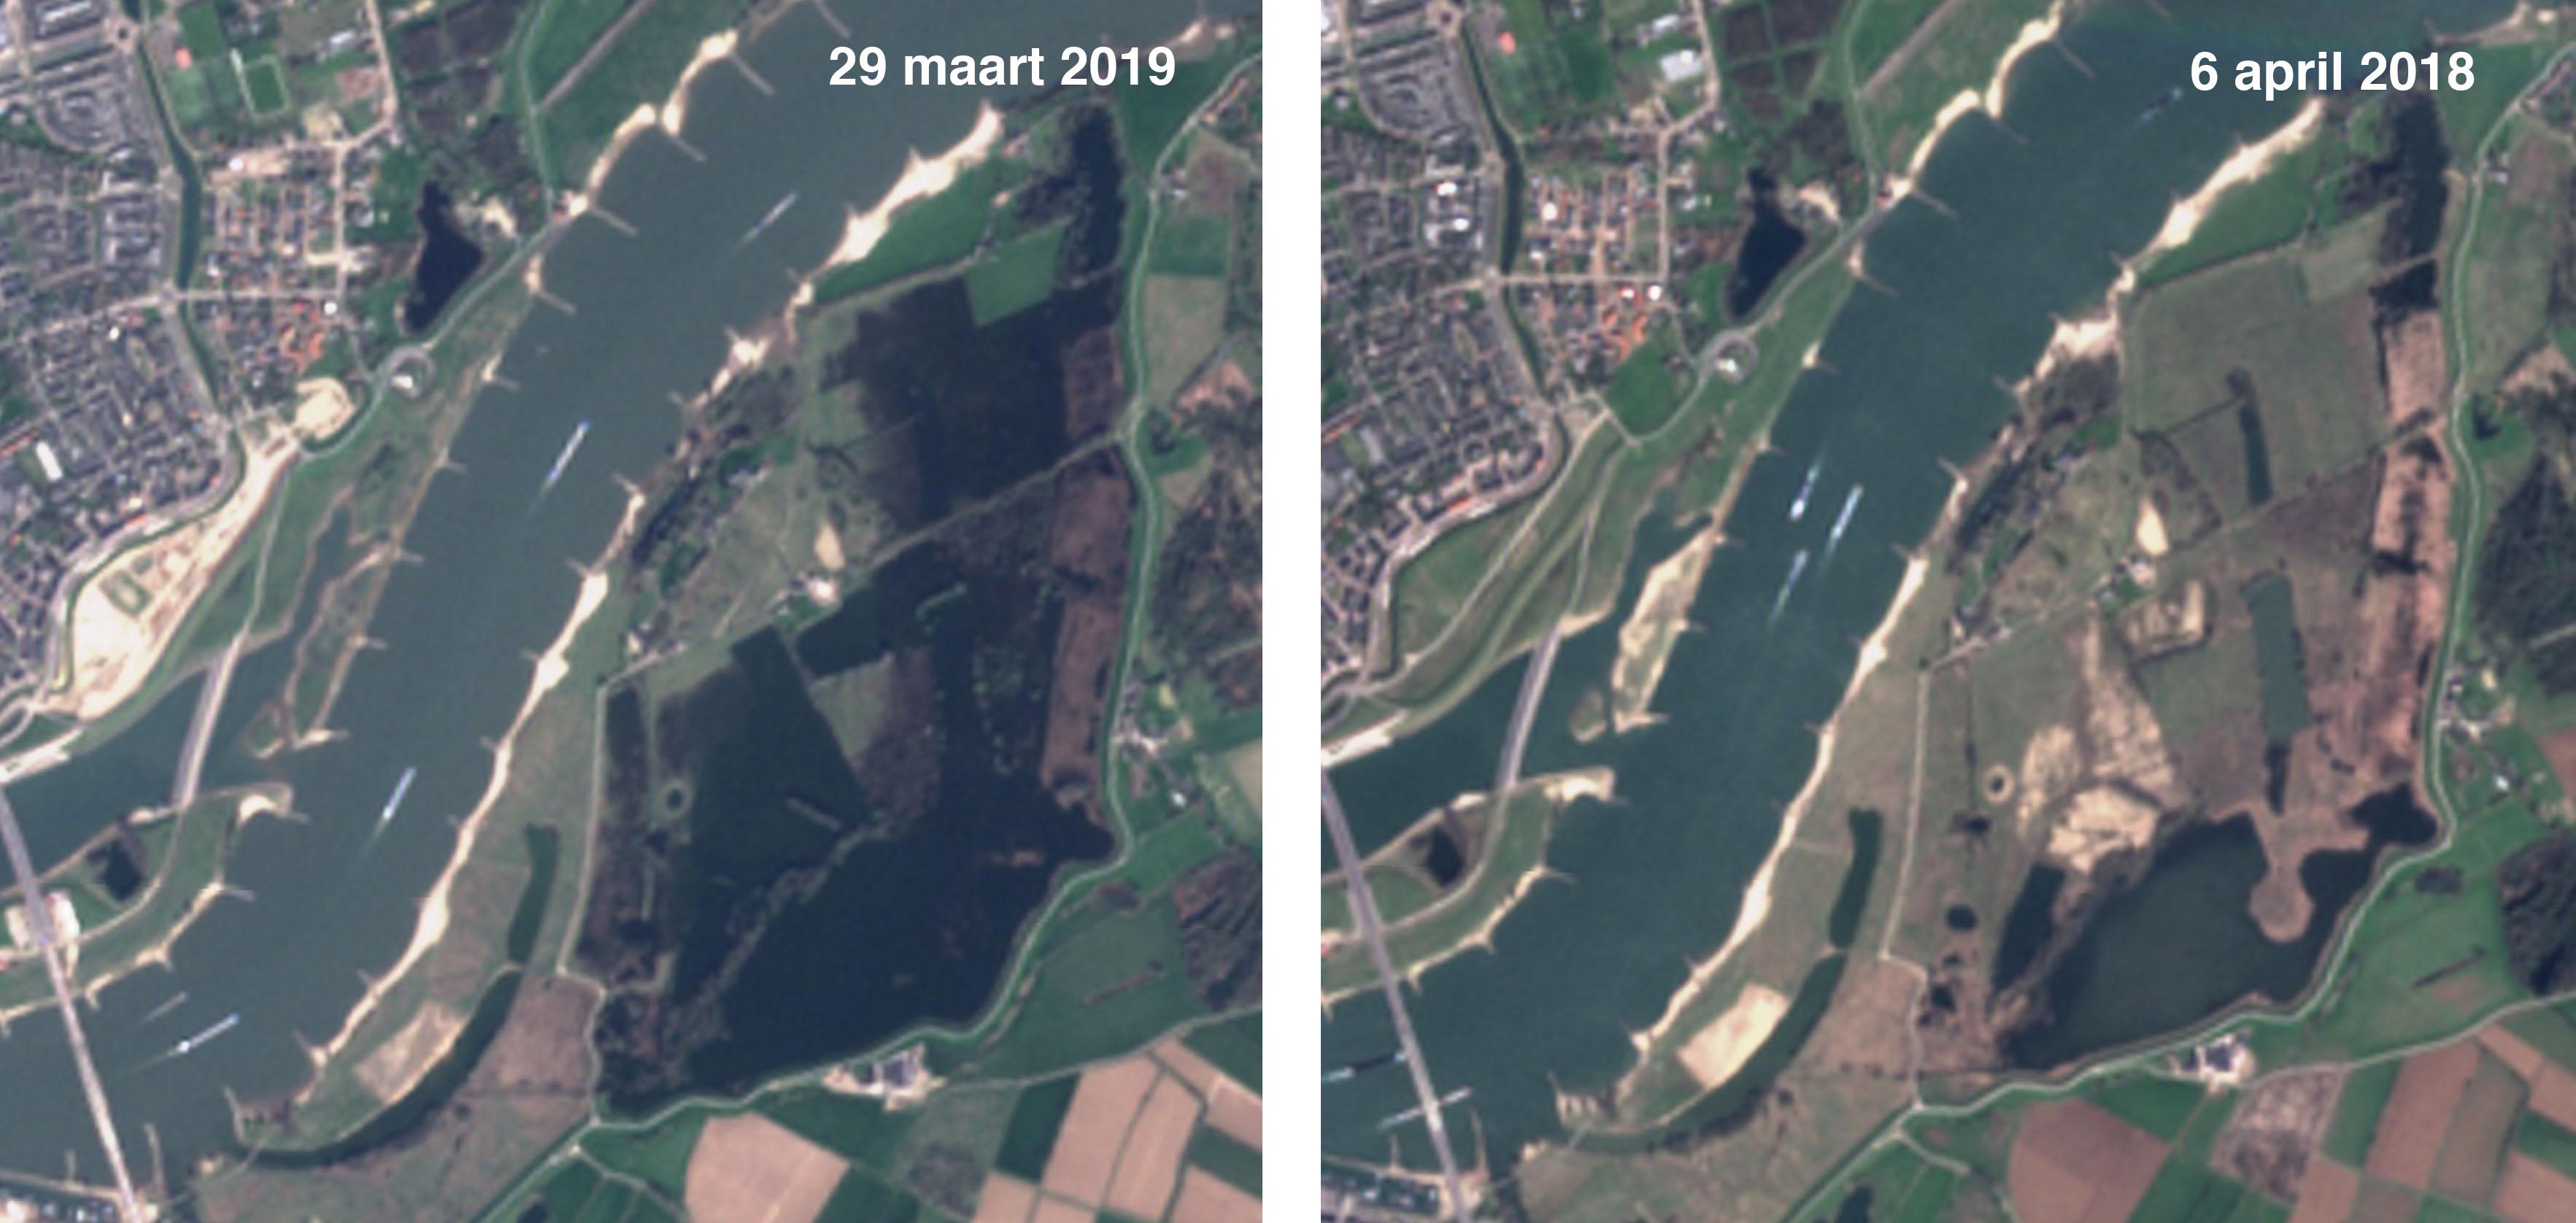 Satellietfoto van de Oude Waal nabij Nijmegen voorjaar 2019 (links) en 2018 (rechts)(bron: https://apps.sentinel-hub.com/sentinel-playground/)